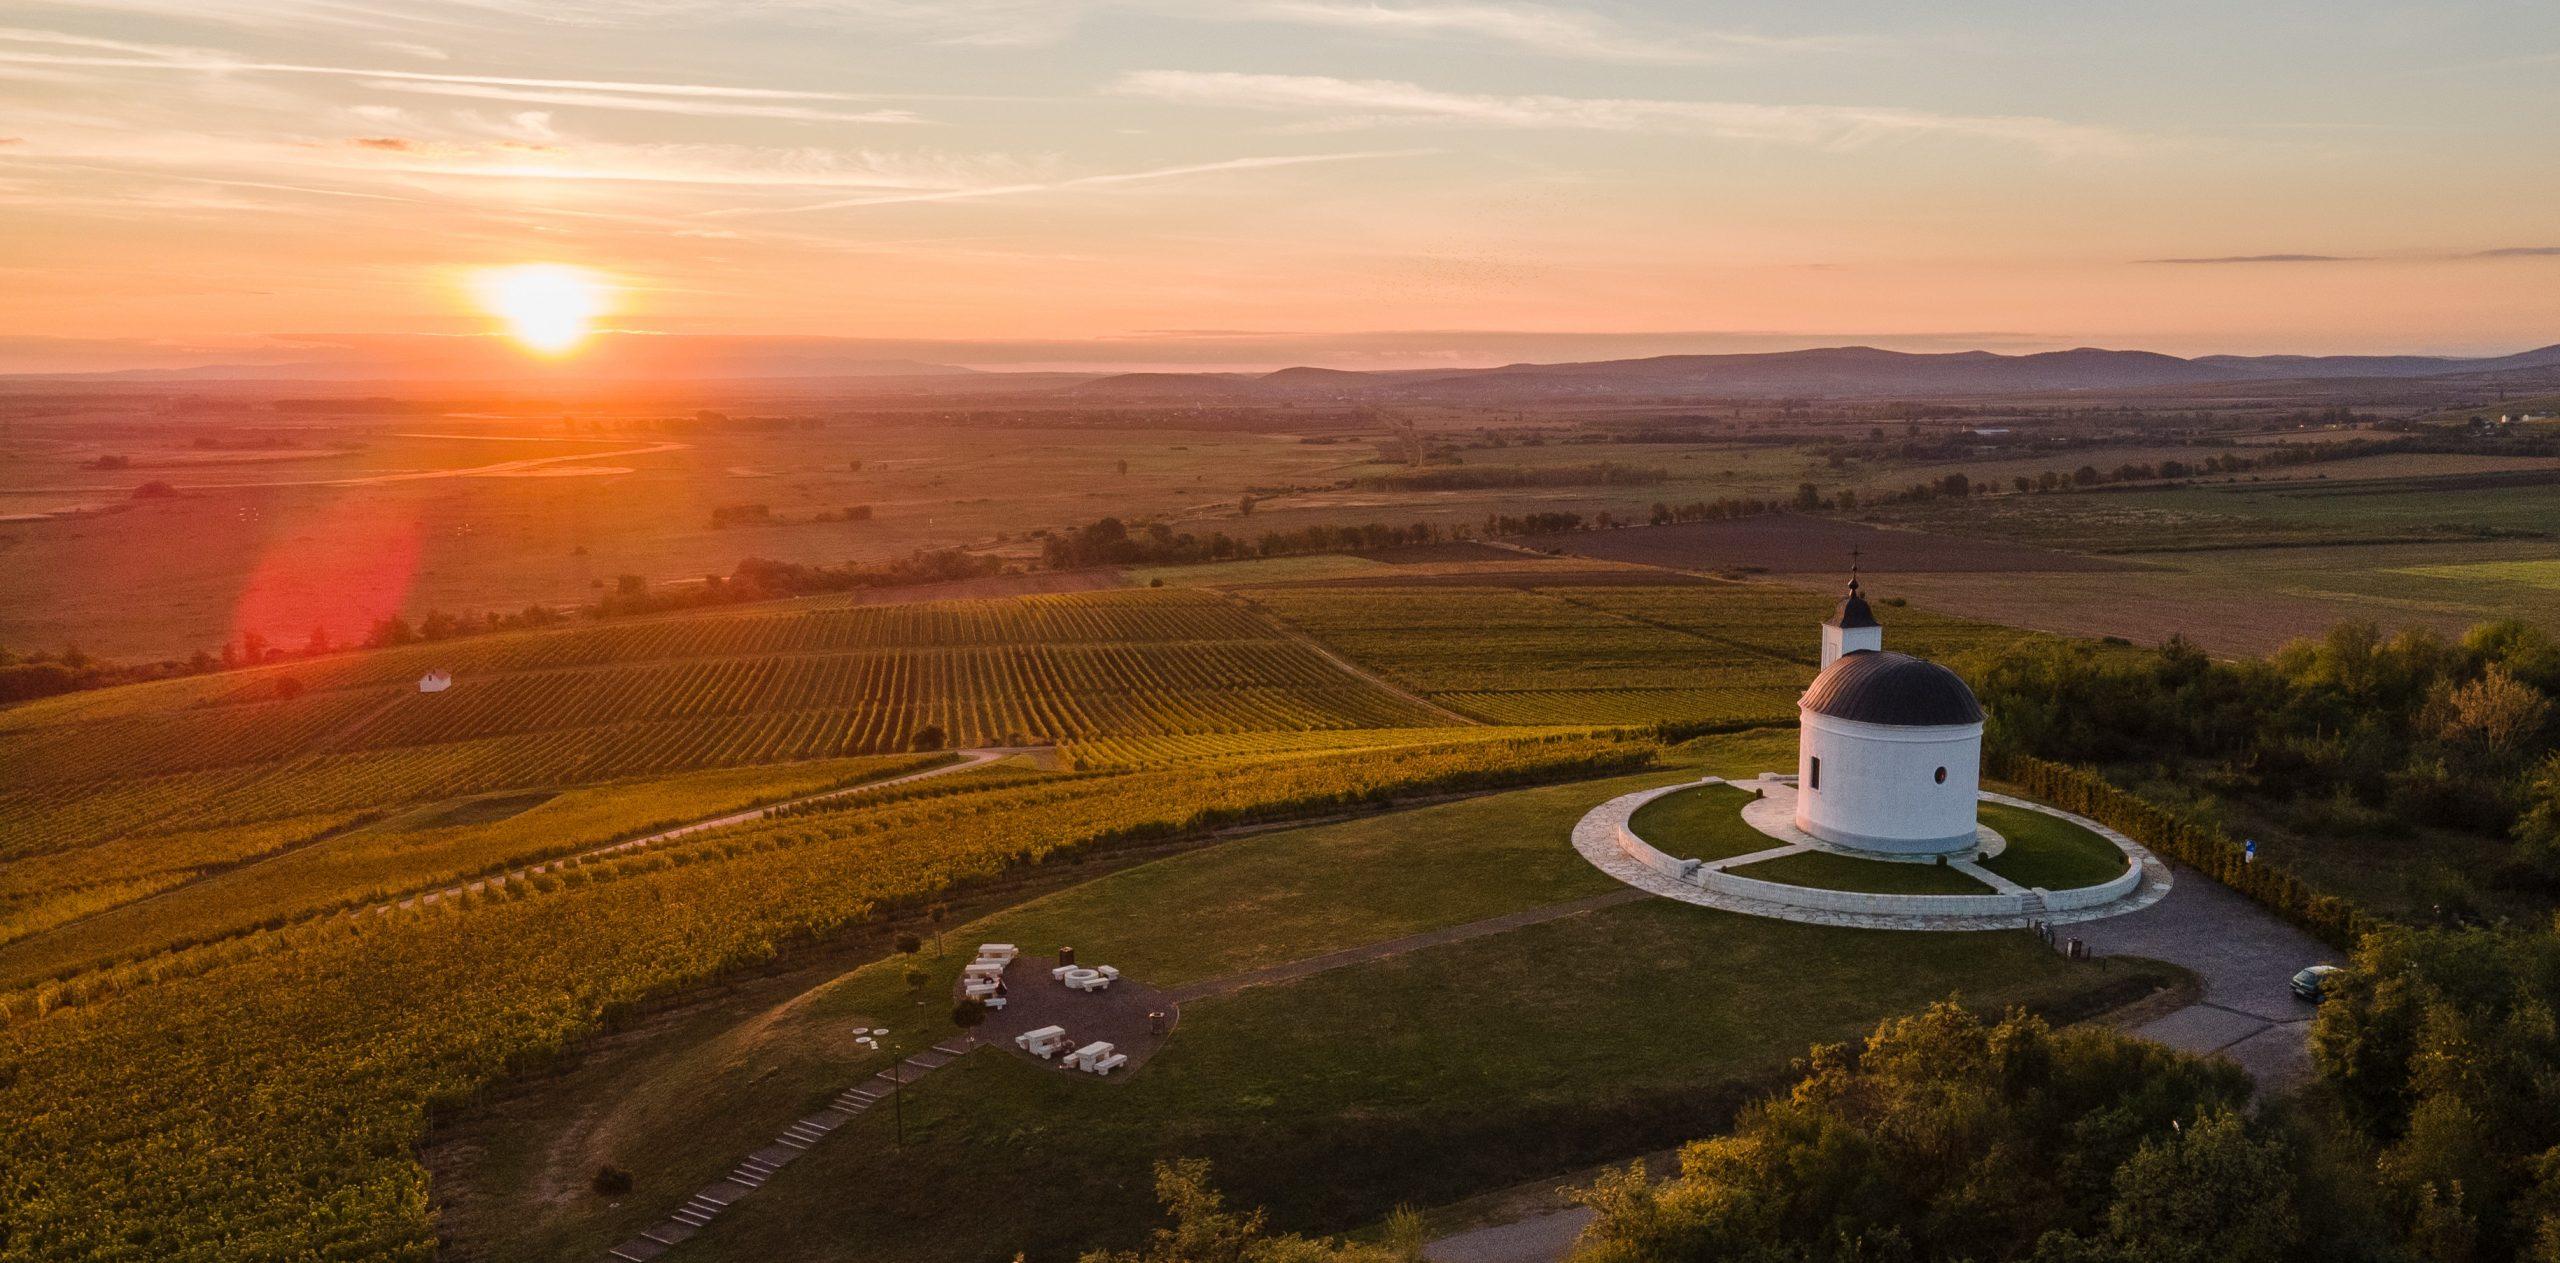 Kirándulás a magyar Toszkánában: Őszi úti célunk a Tokaj-Hegyalja sokszínű vidéke